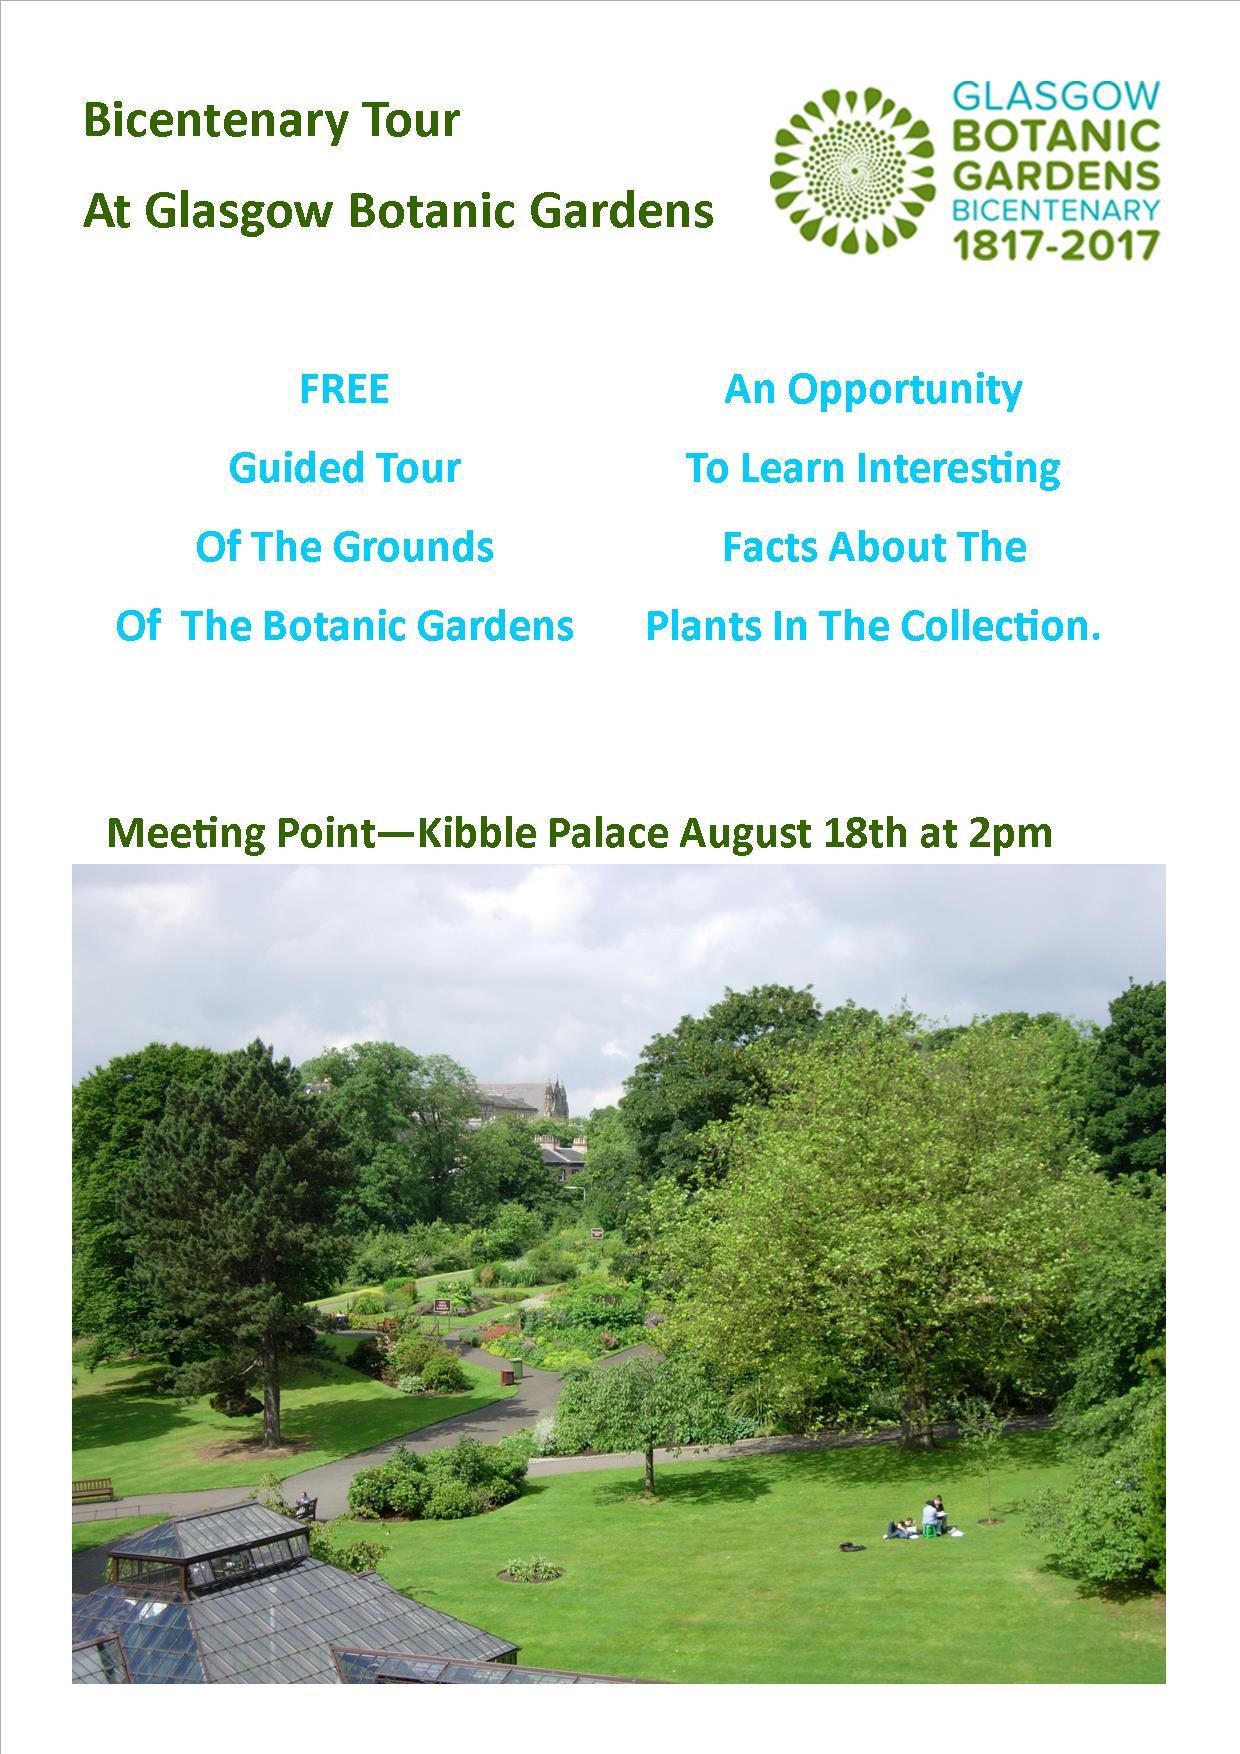 glasgow botanic gardens news